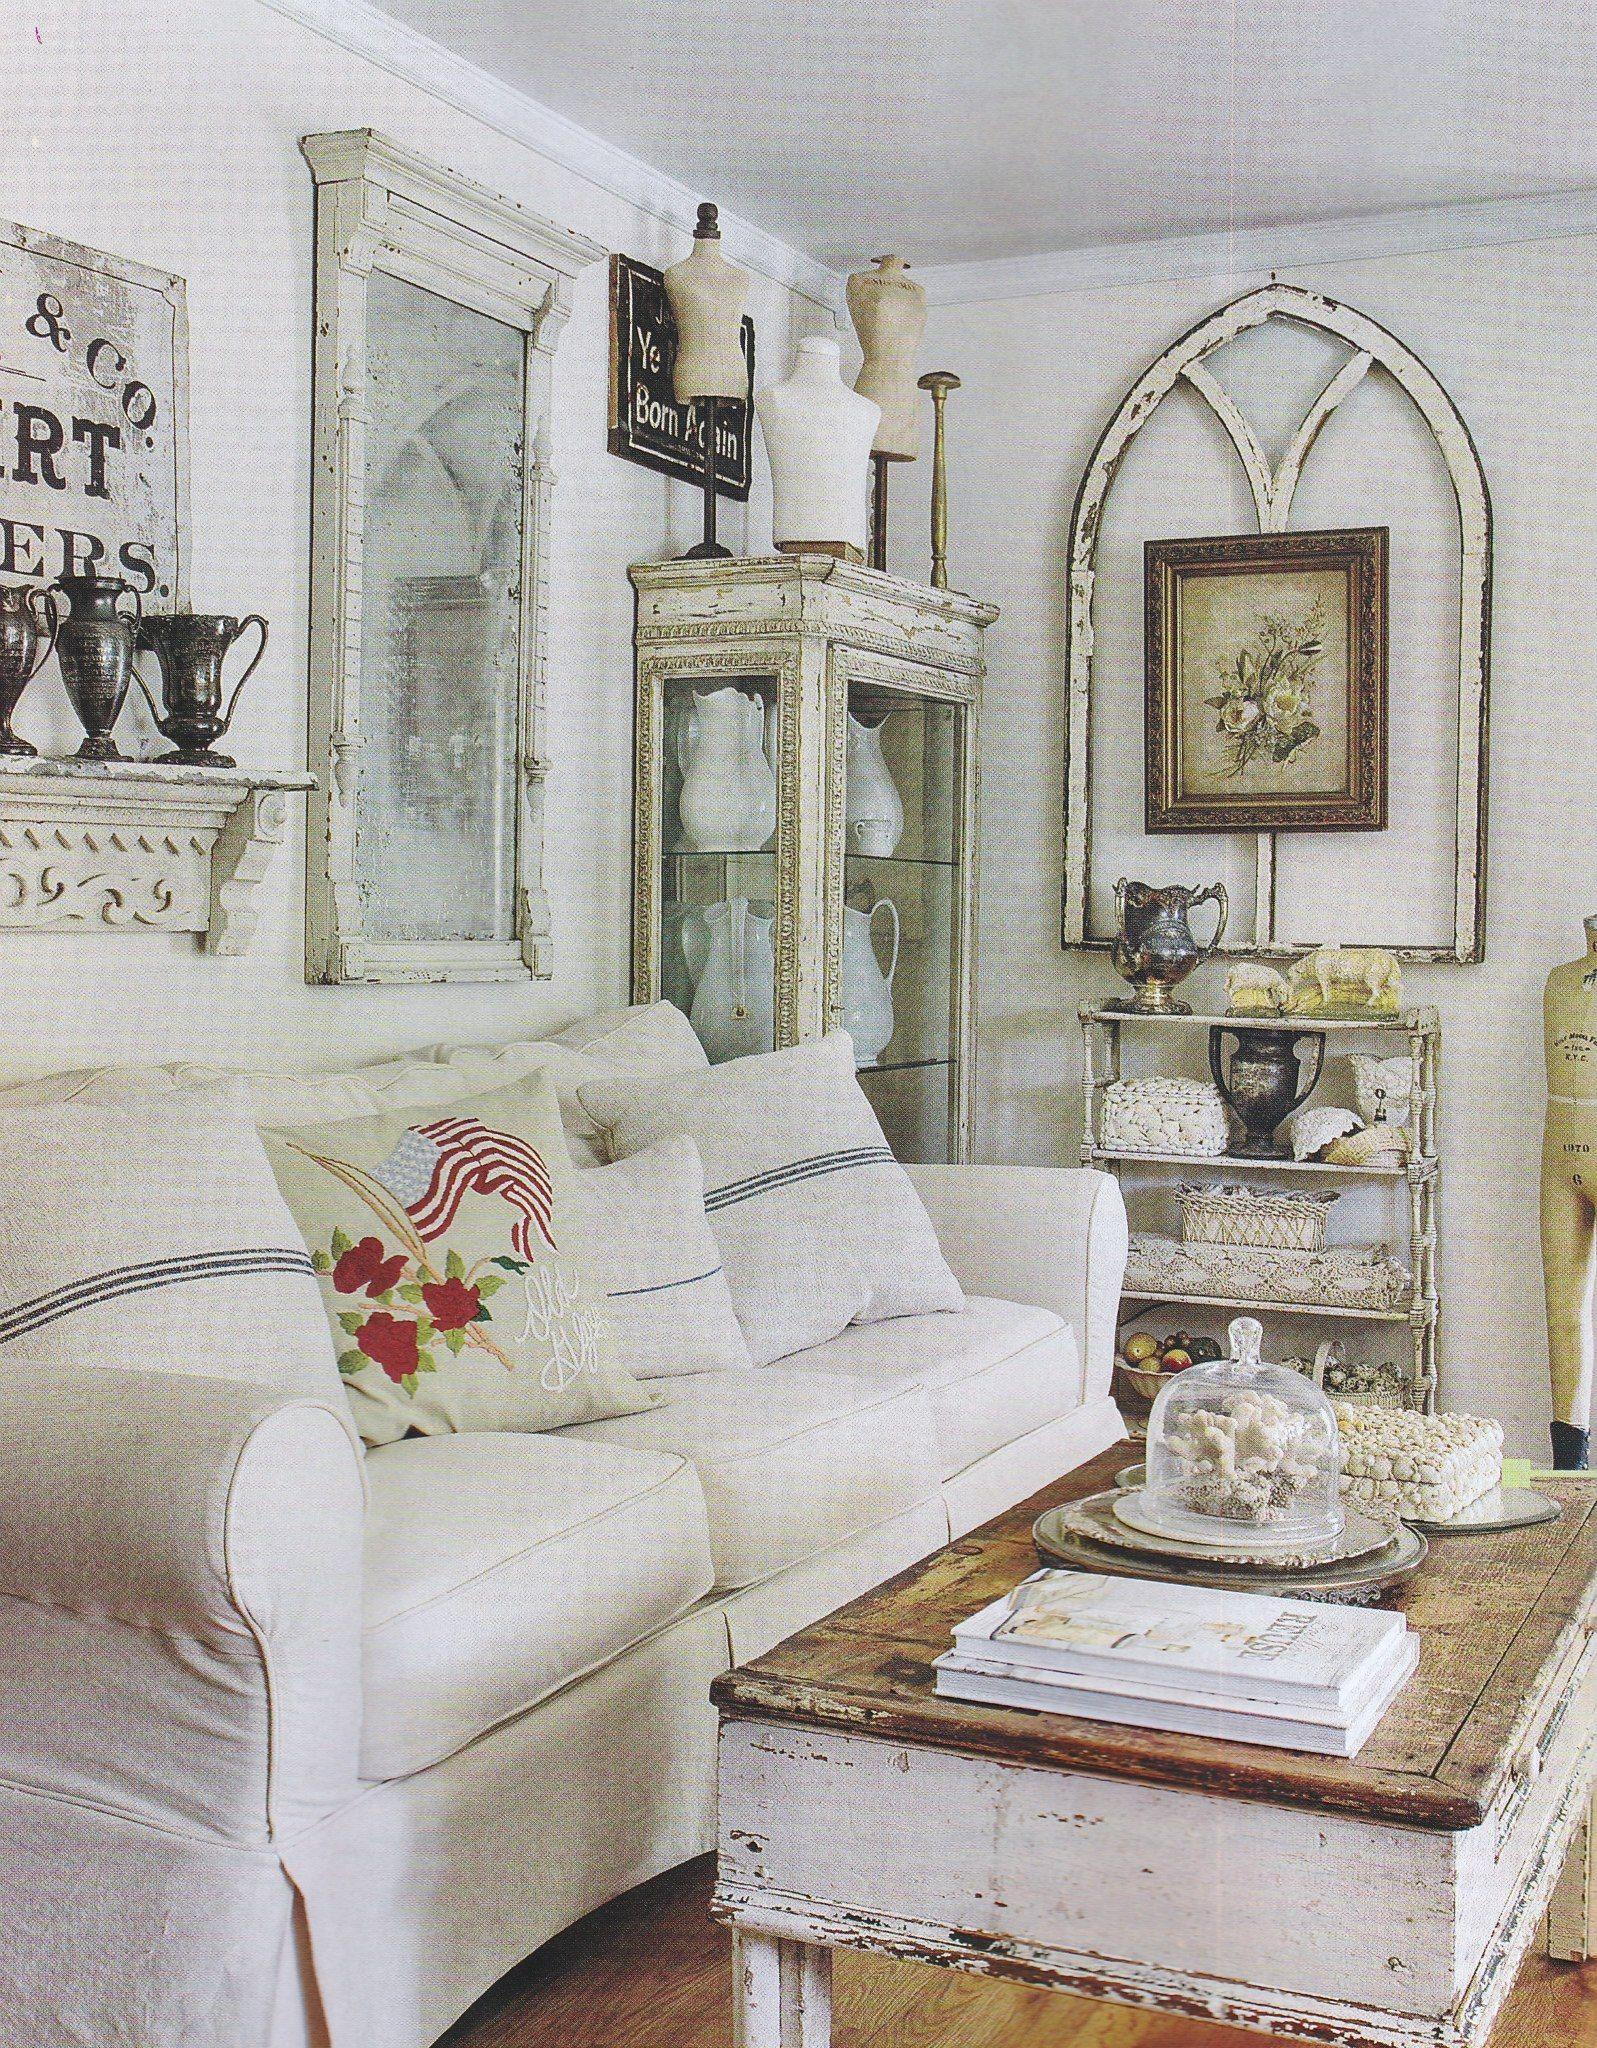 Shabby lovely decor pinterest decoraci n hogar for Reciclaje decoracion hogar